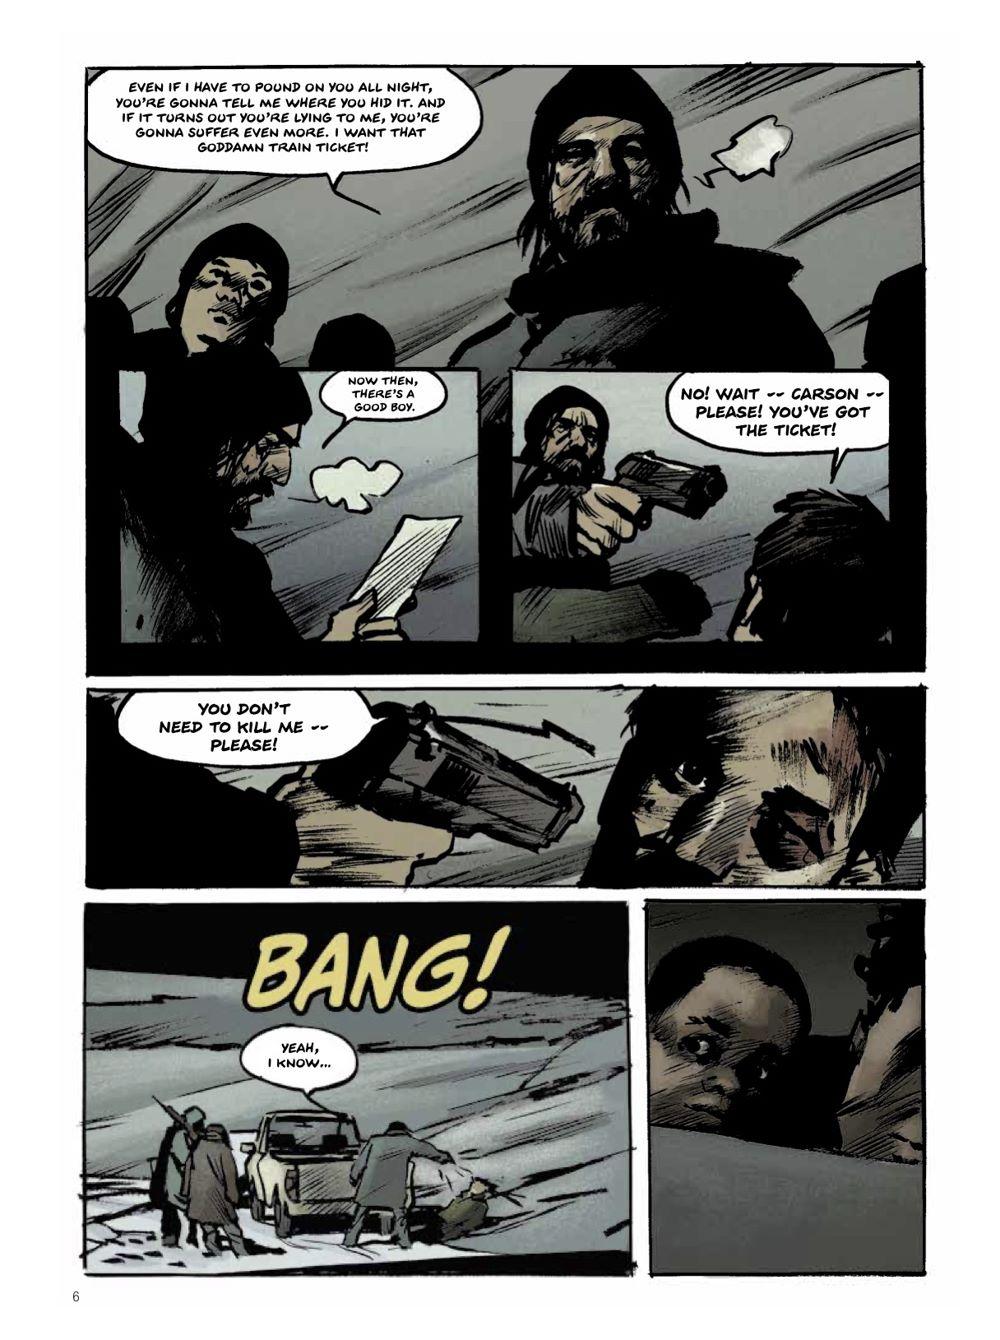 Snowpiercer-Prequel-Vol.-2-Page-1 ComicList Previews: SNOWPIERCER THE PREQUEL VOLUME 2 APOCALYPSE GN